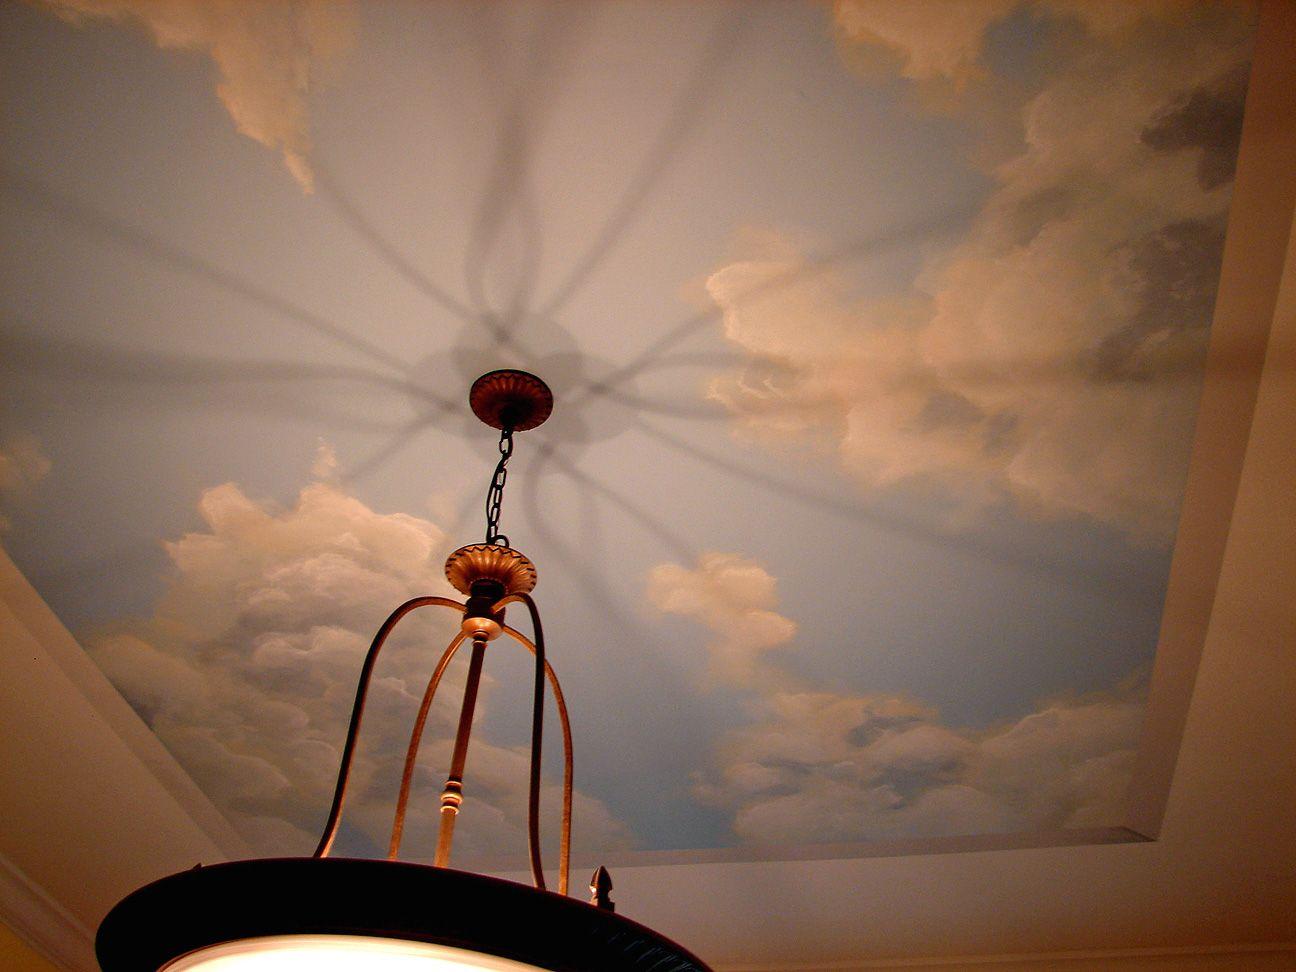 Sky Murals | Ceiling sky/cloud mural detail. | Art | Pinterest ...